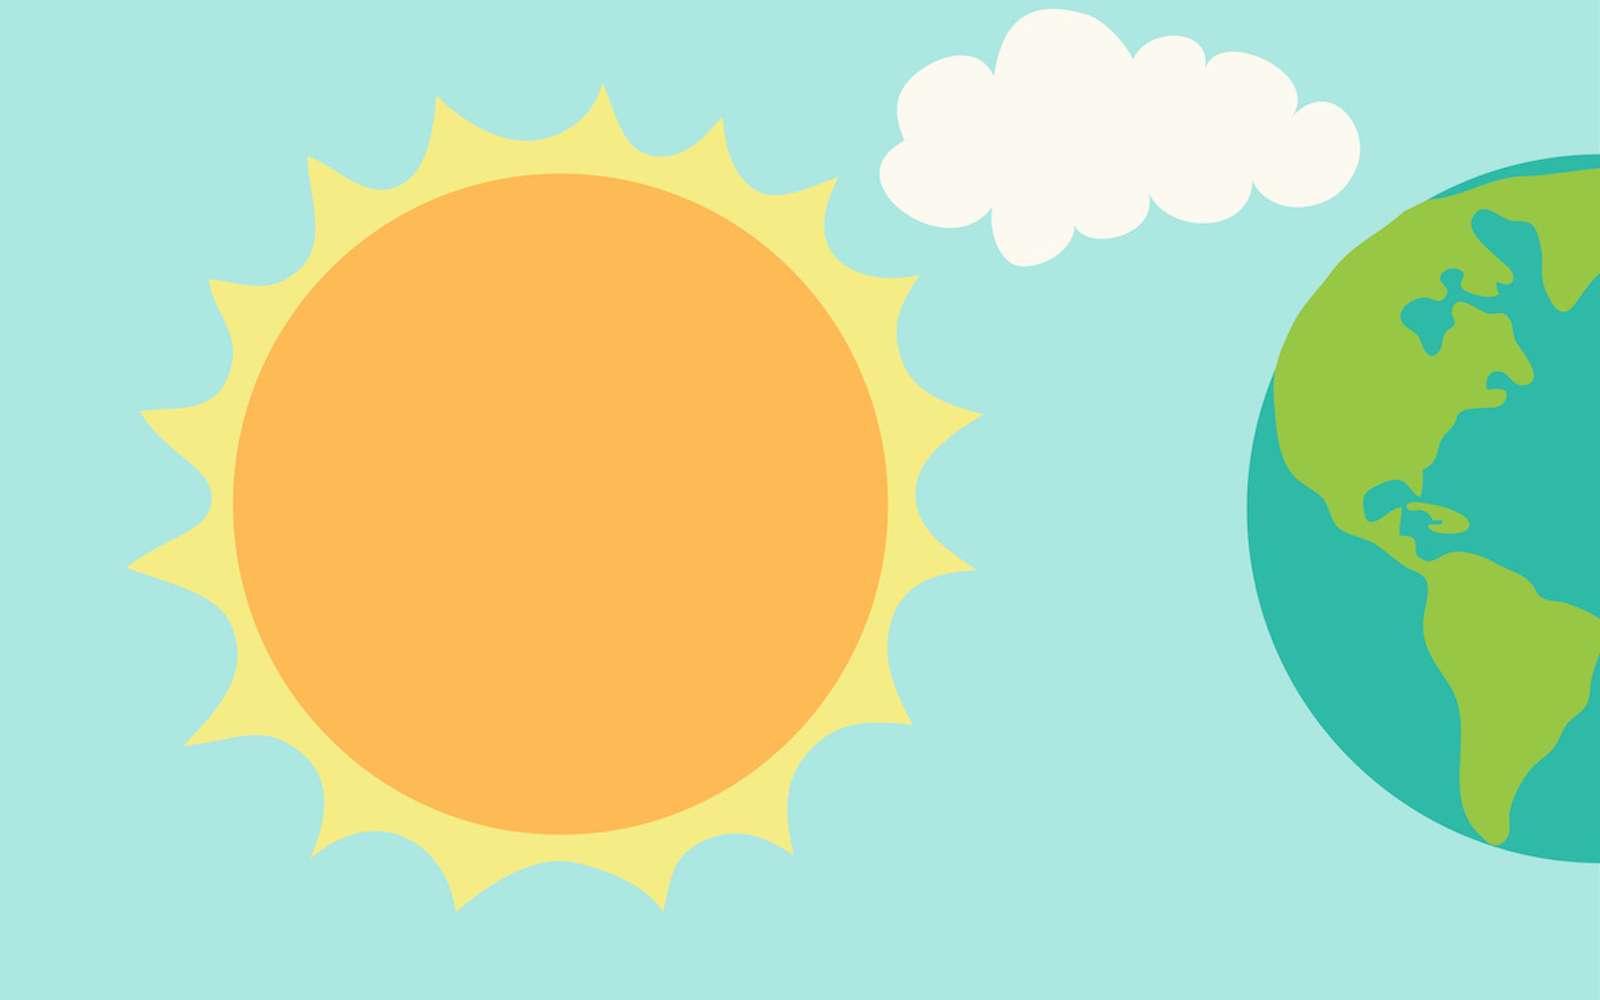 Le retard saisonnier est dû à l'inertie thermique de la Terre. © Cute Designs, Fotolia